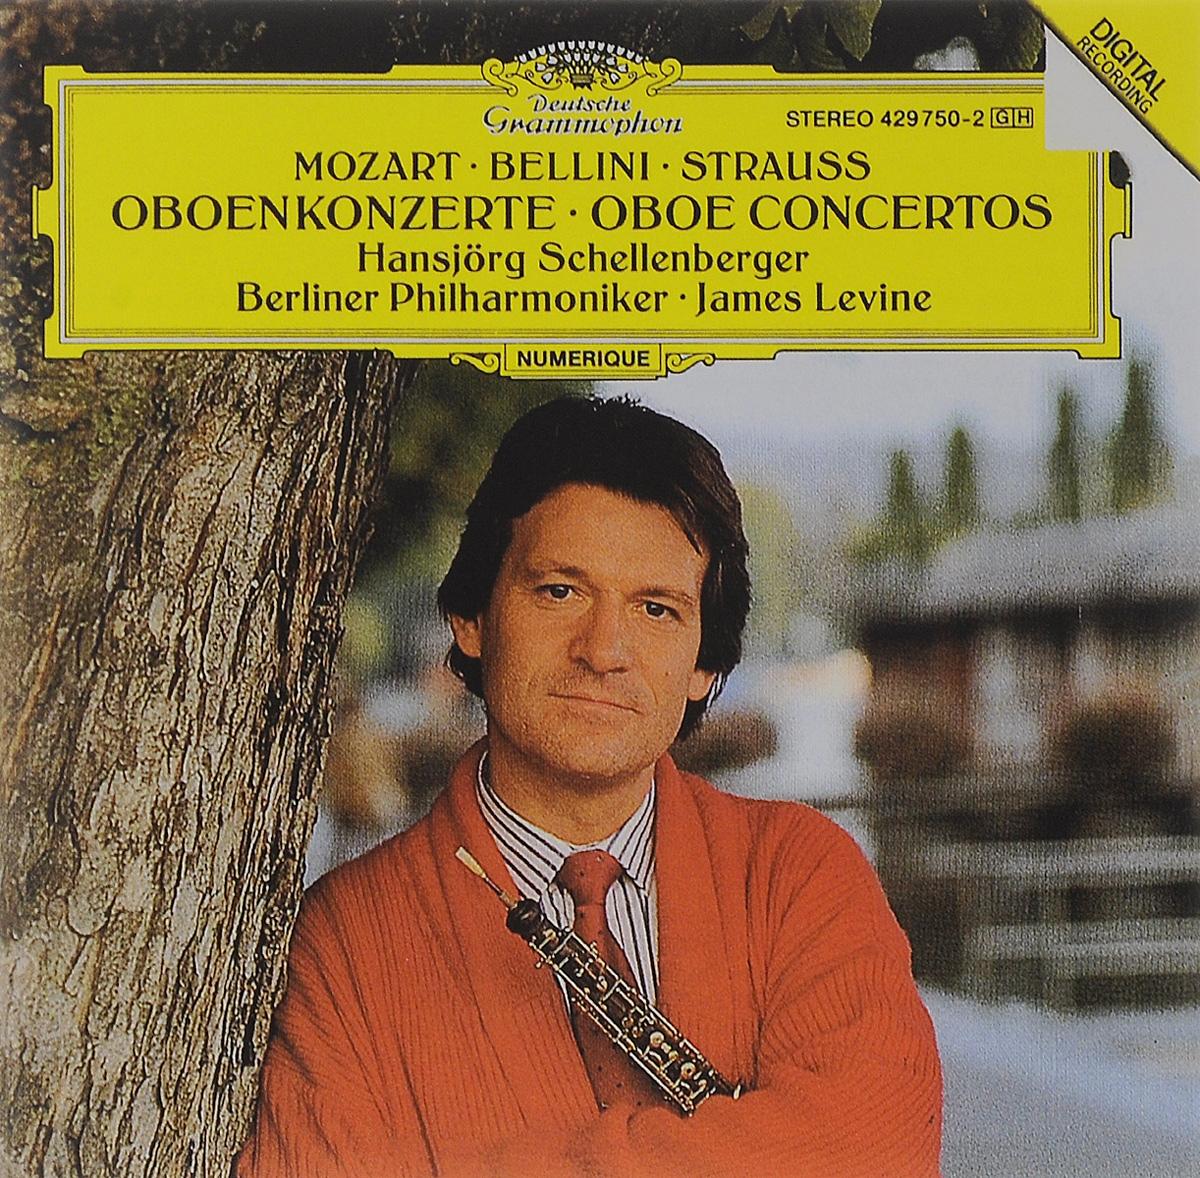 Джеймс Левайн,Berliner Philharmoniker,Хансйорг Шелленбергер James Levine. Mozart / Bellini / Strauss. Oboenkonzerte цены онлайн